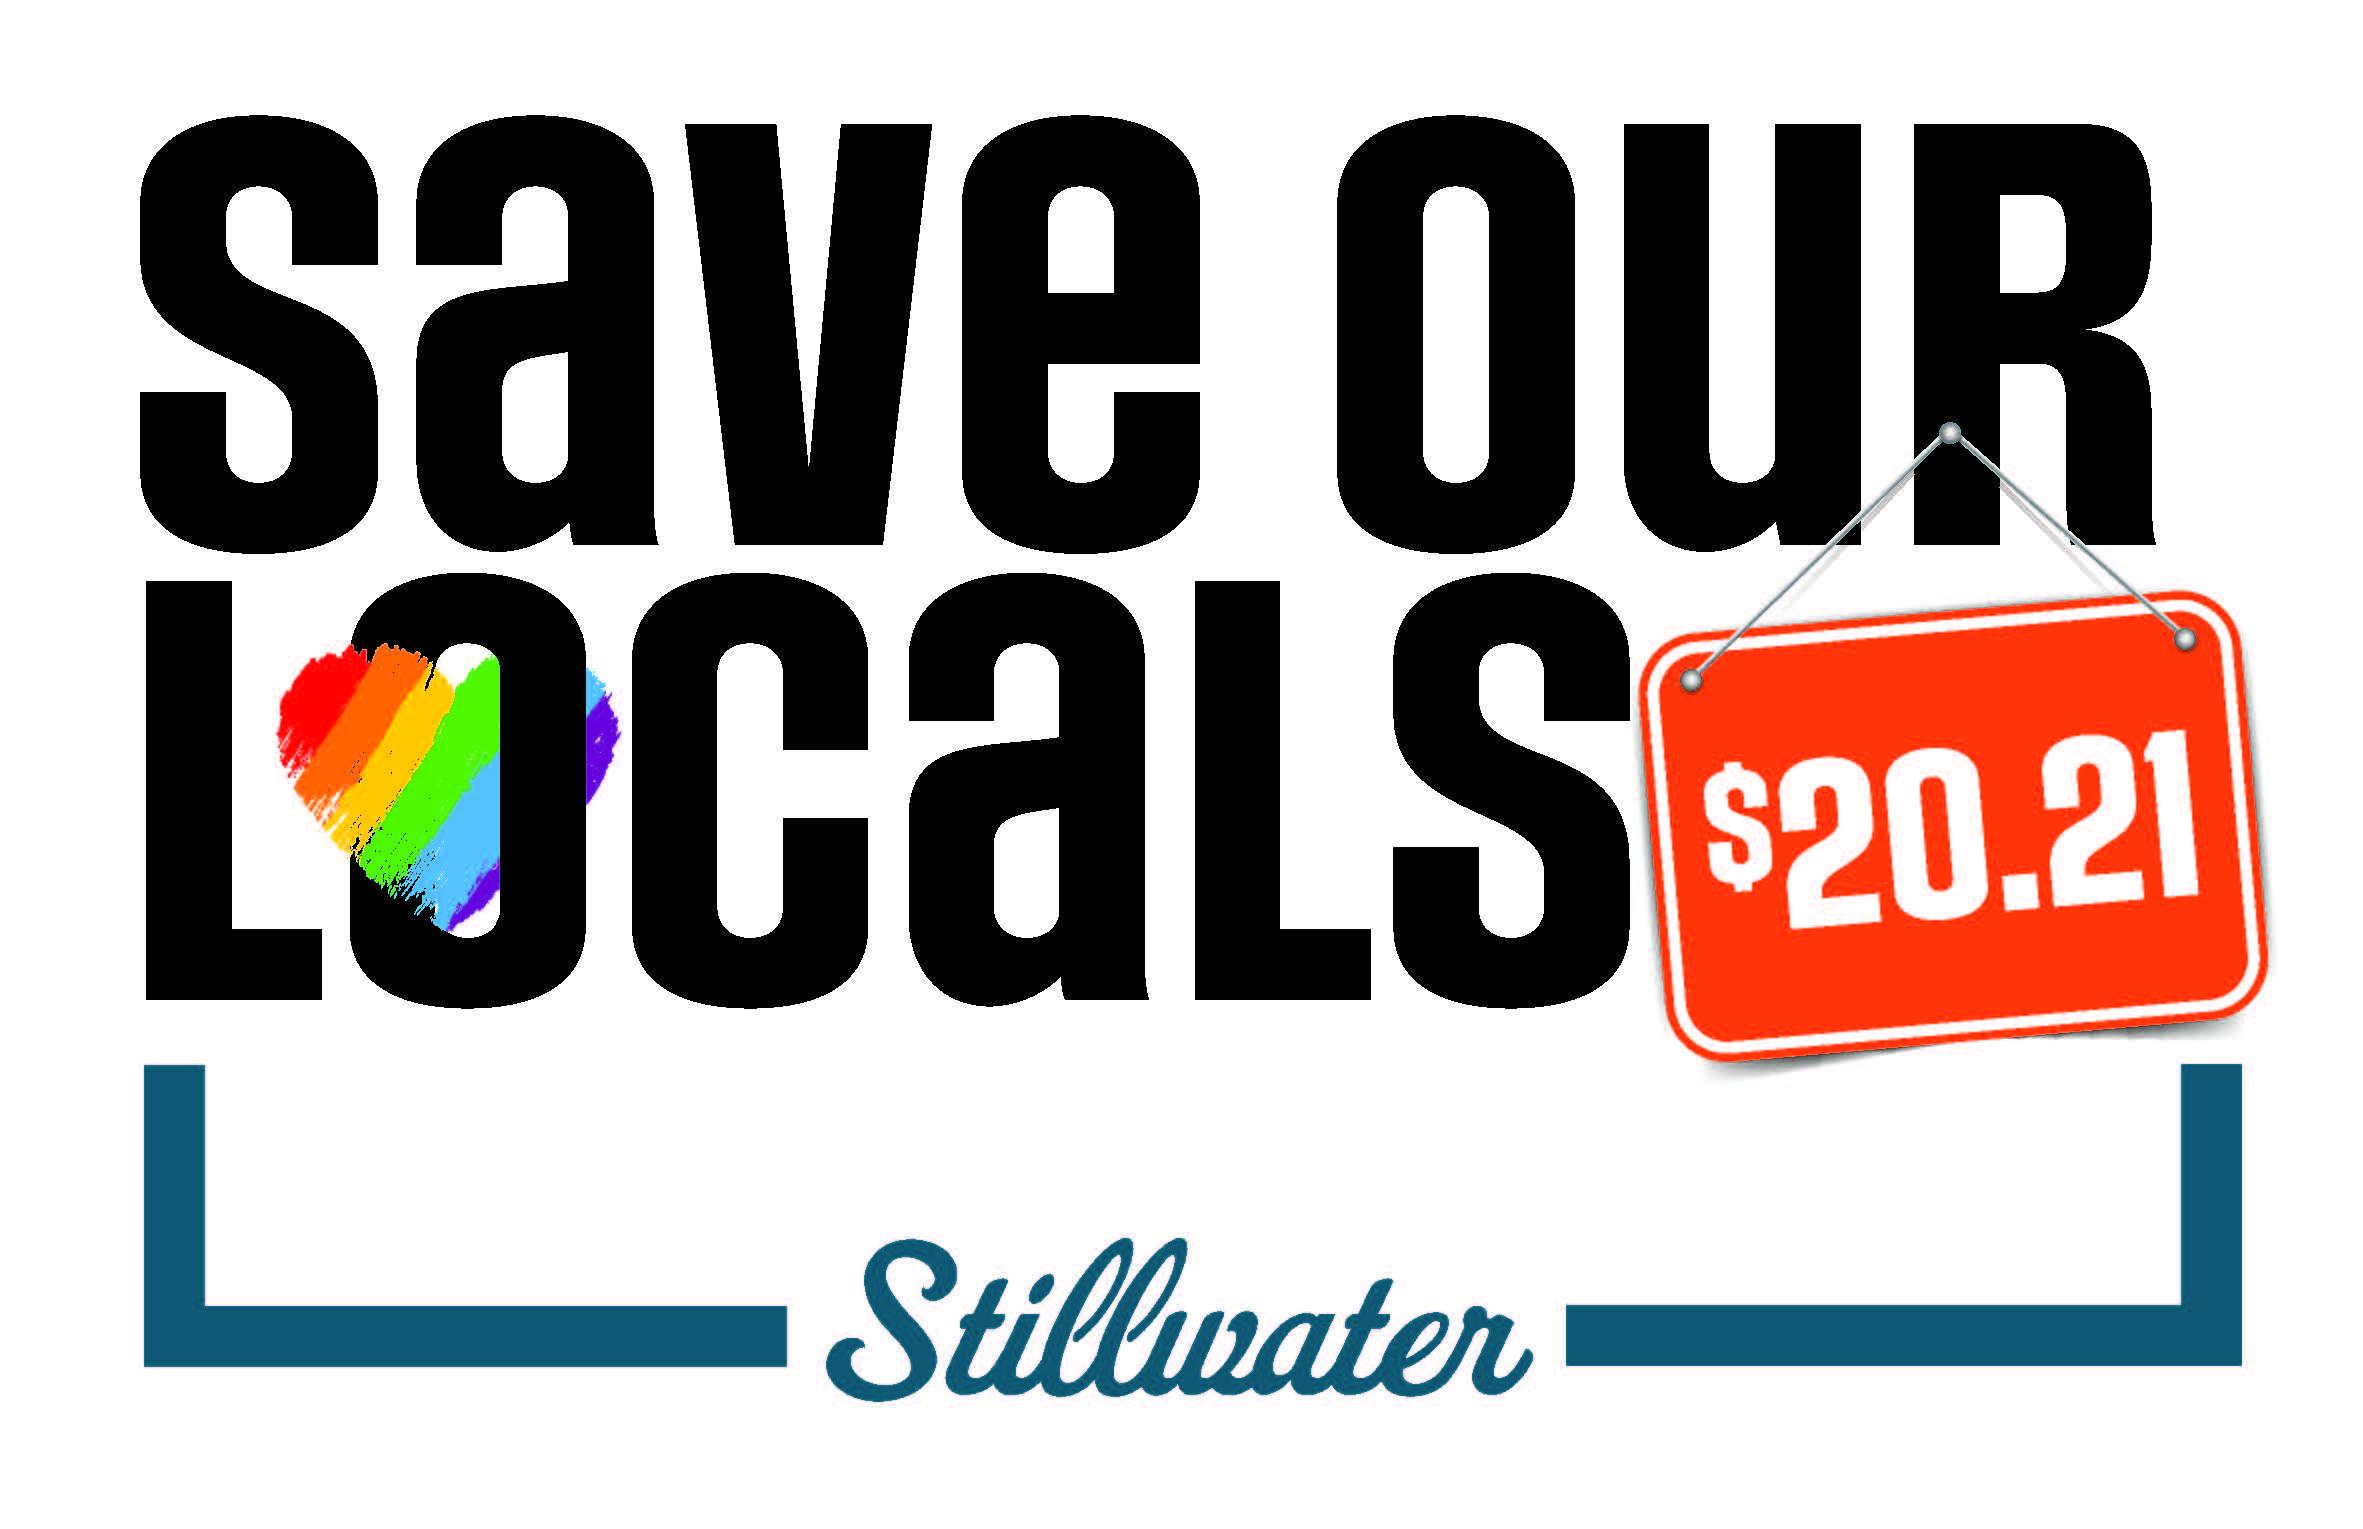 Save Our Locals 2021 Stillwater